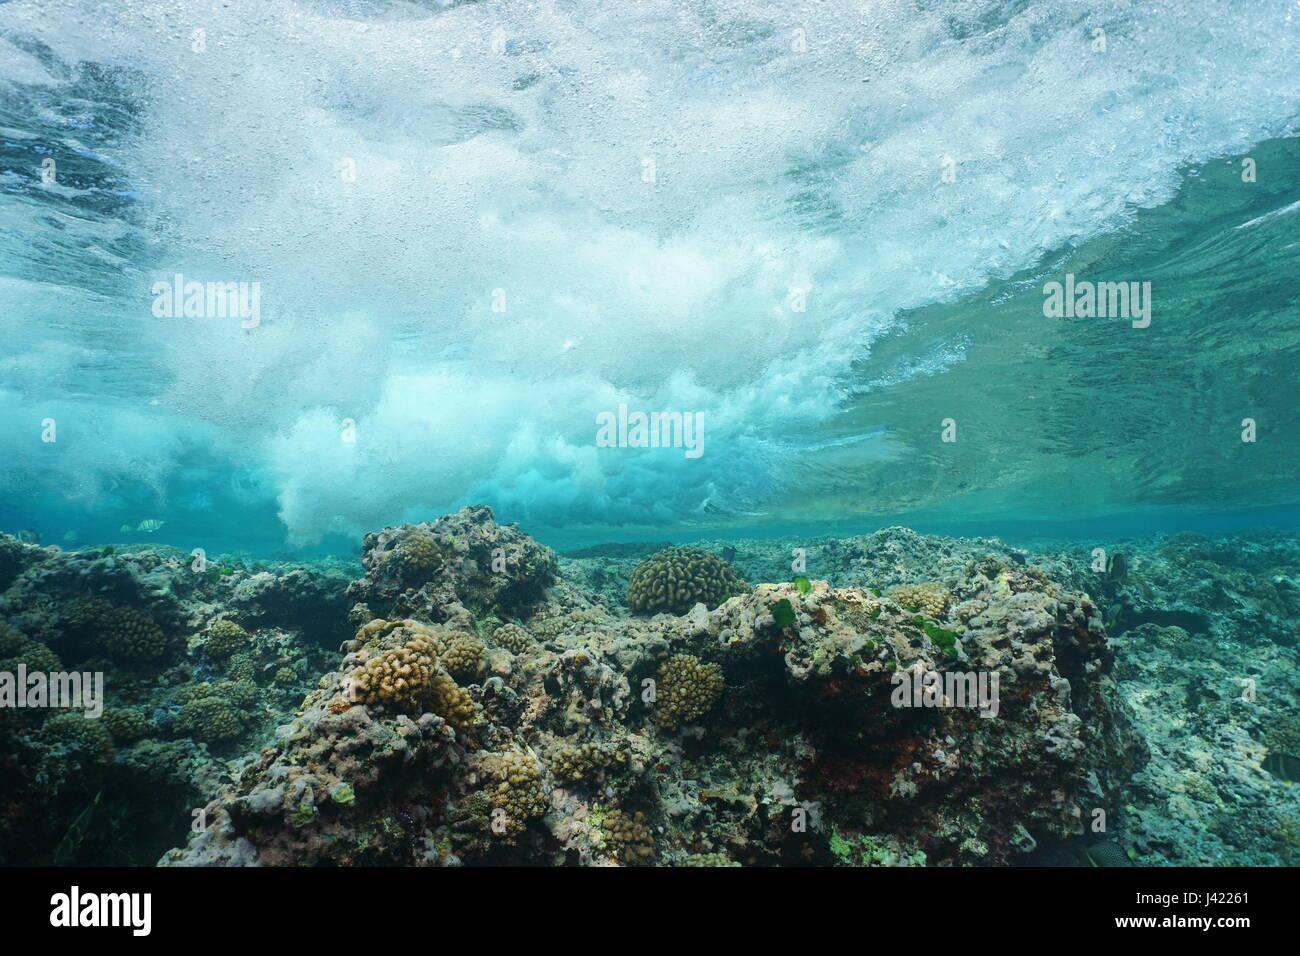 Vague se brisant sur le récif sous l'eau, l'océan Pacifique, Huahine, îles de la société, Photo Stock